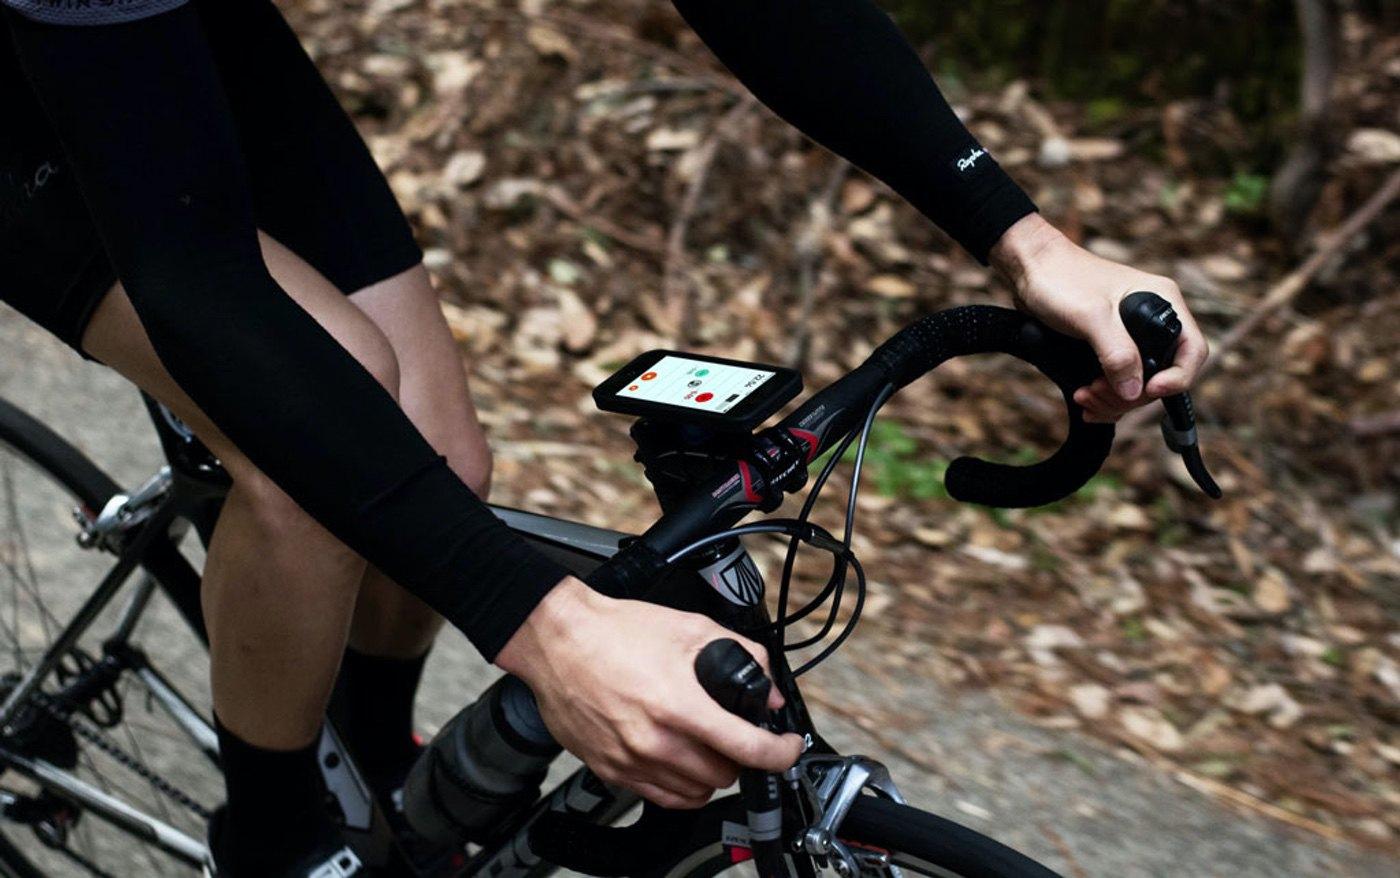 Segmentos en tiempo real de Strava está ya disponible para dispositivos móviles (iPhone y Android)